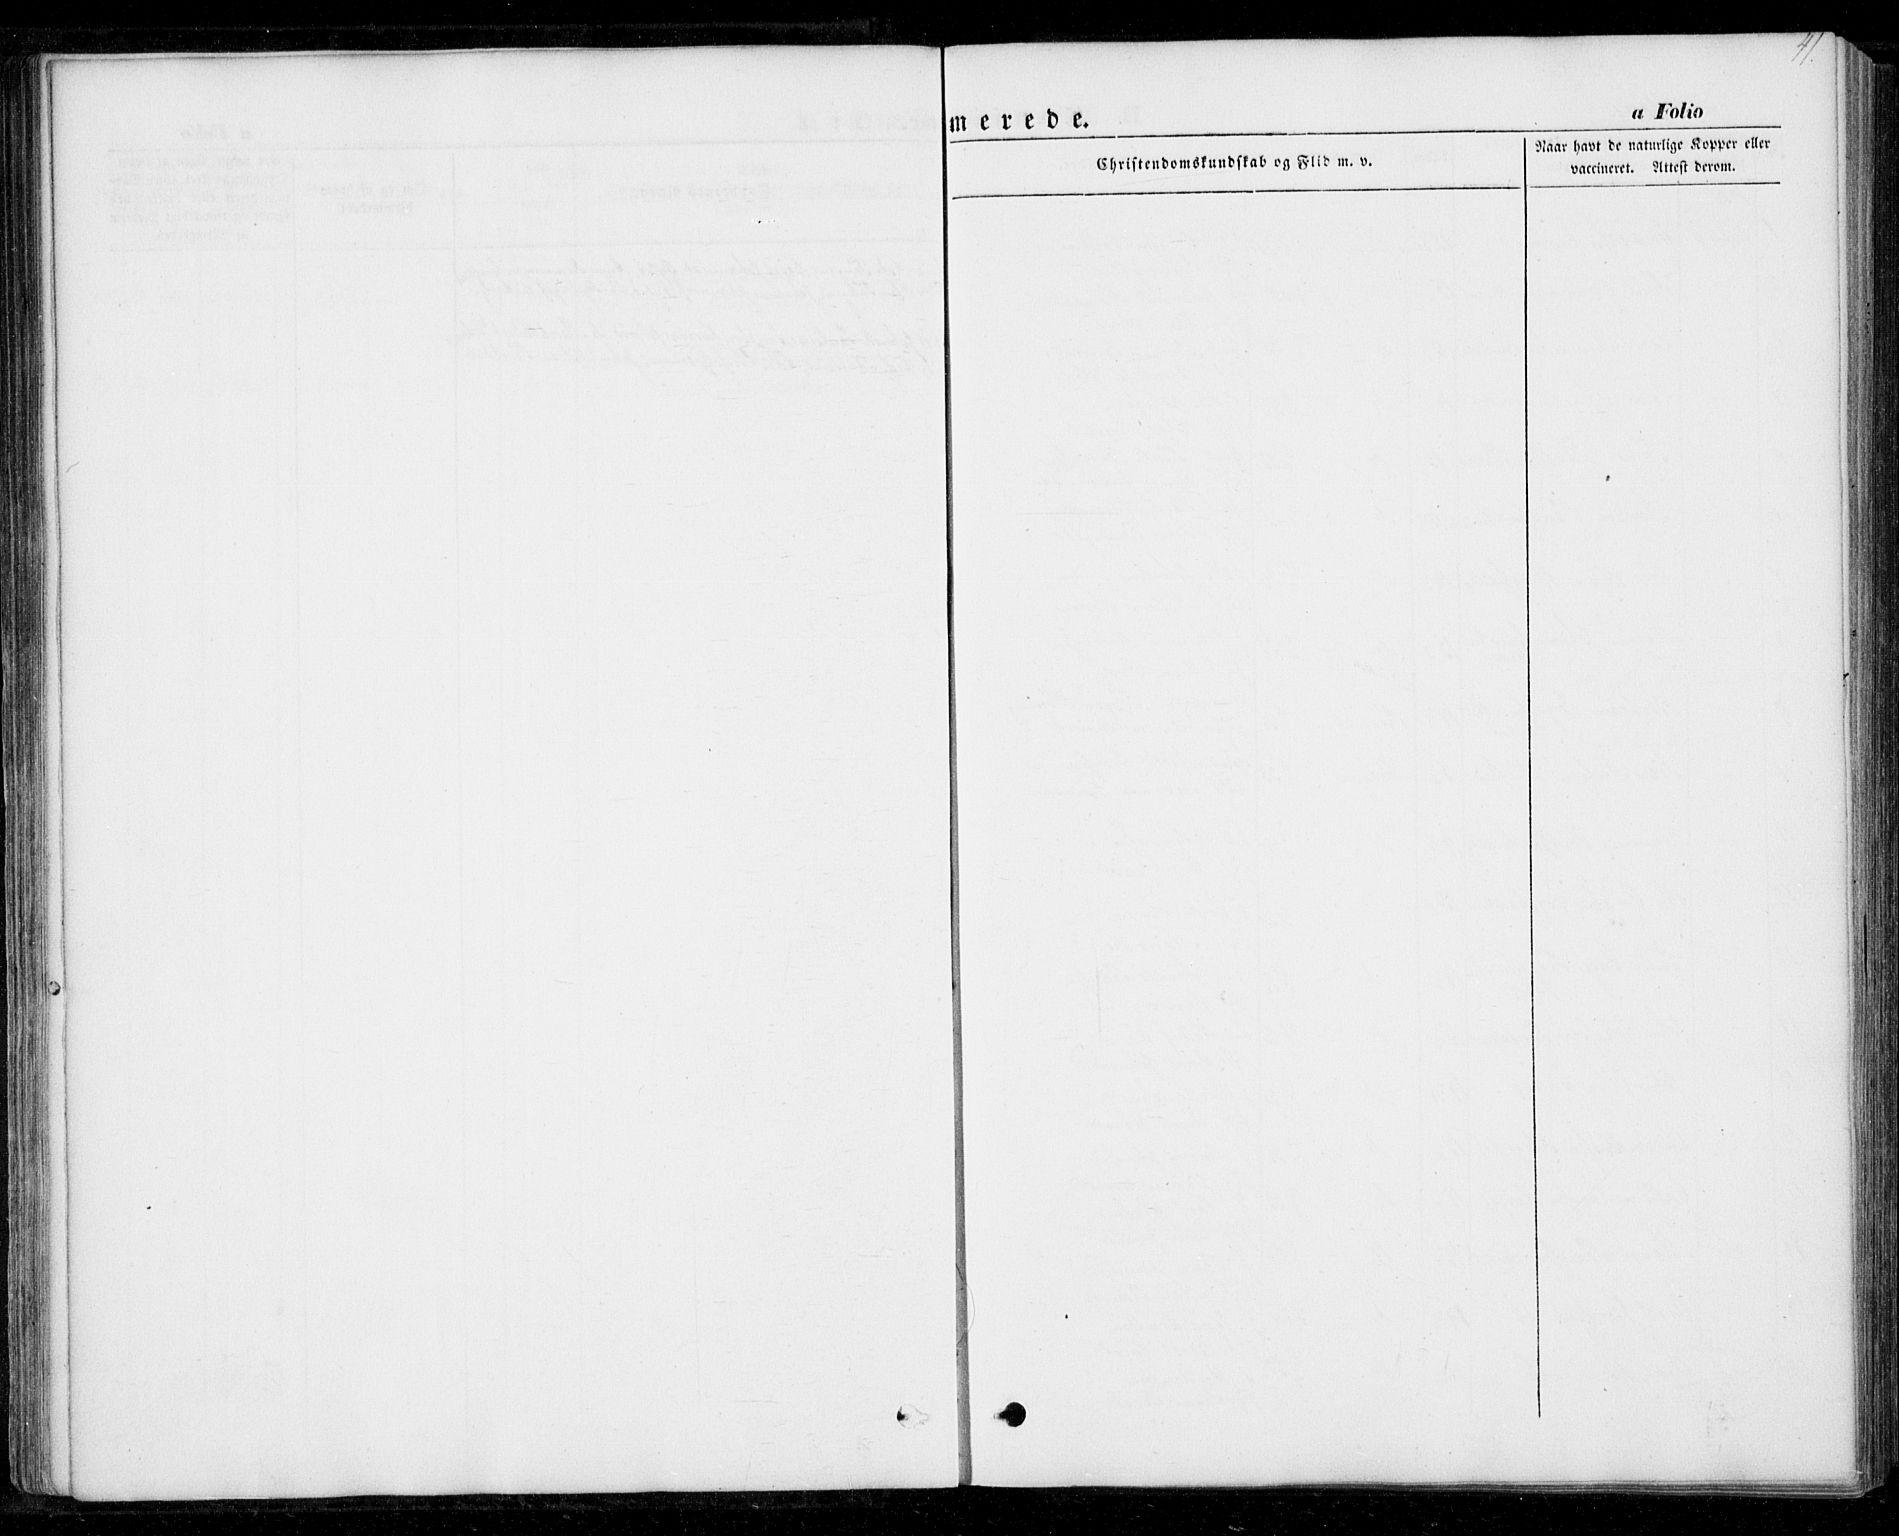 SAT, Ministerialprotokoller, klokkerbøker og fødselsregistre - Nord-Trøndelag, 706/L0040: Ministerialbok nr. 706A01, 1850-1861, s. 41